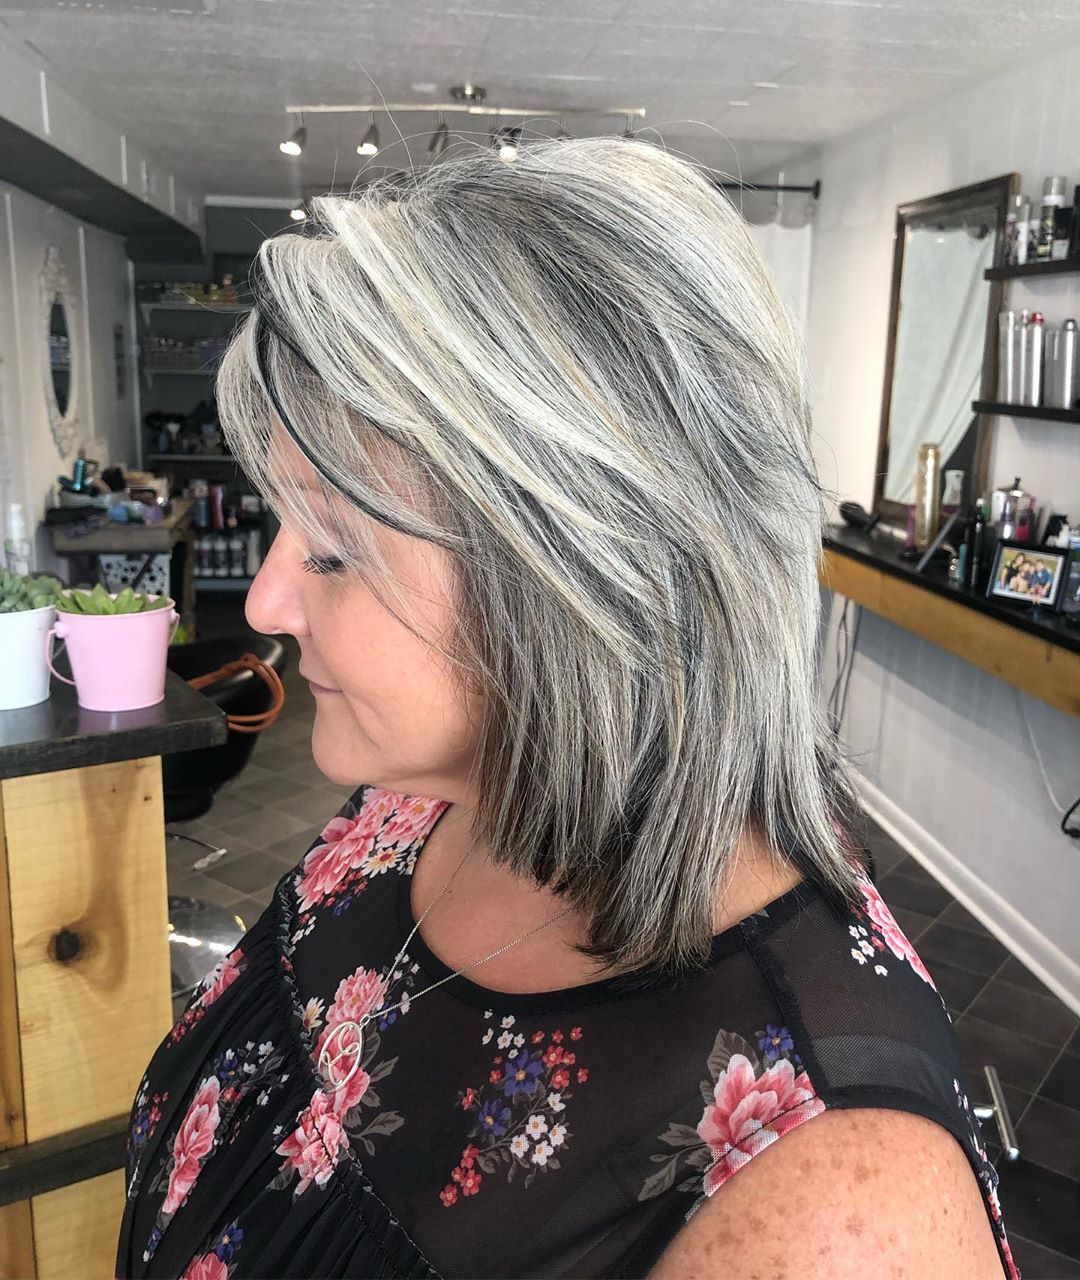 градуированные стрижки для женщин 40-50 лет фото 6